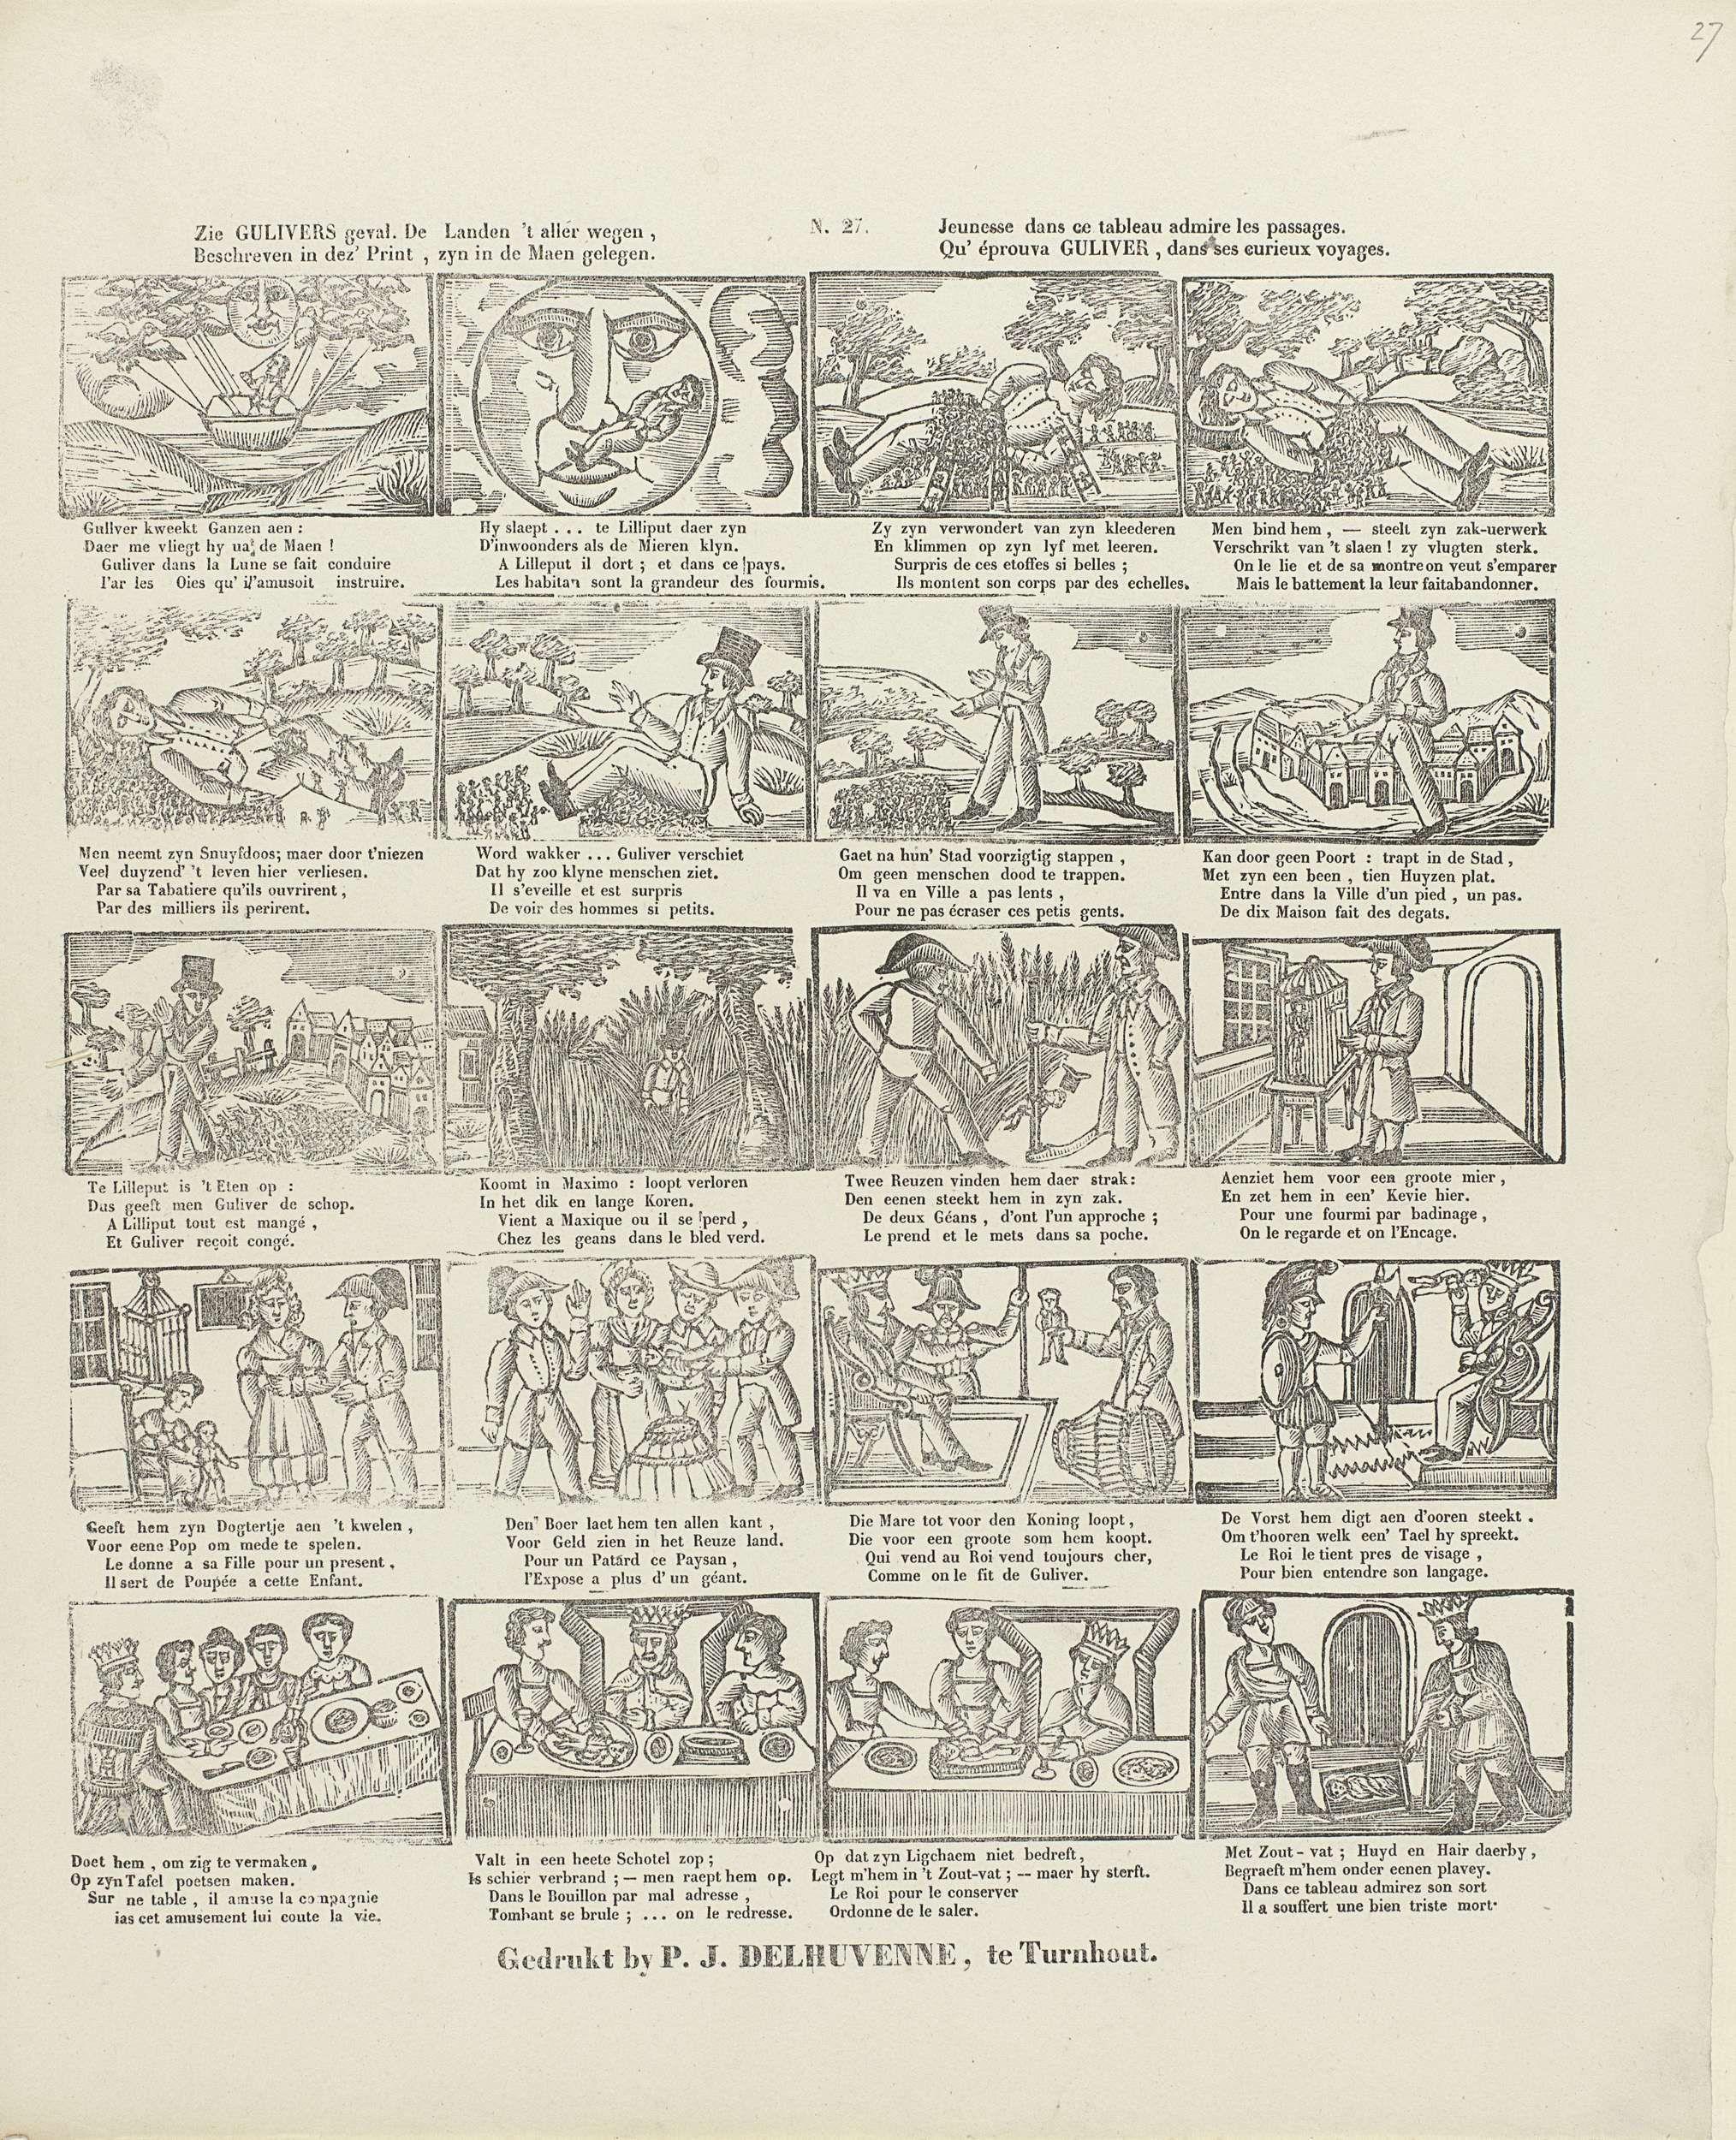 P.J. Delhuvenne | Zie Gulivers geval. De landen 't aller wegen, / Beschreven in dez' print, zyn in de Maen gelegen. / Jeunesse dans ce tableau admire les passages. / Qu' éprouva Guliver, dans ses eurieux voyages, P.J. Delhuvenne, Anonymous, 1842 - 1856 | Blad met 20 voorstellingen uit Gullivers reizen, waaronder Gulliver in Lilliput en twee reuzen die Gulliver gevangennemen. Onder elke voorstelling een tweeregelig vers in het Nederlands en het Frans. Genummerd midden boven: N. 27.